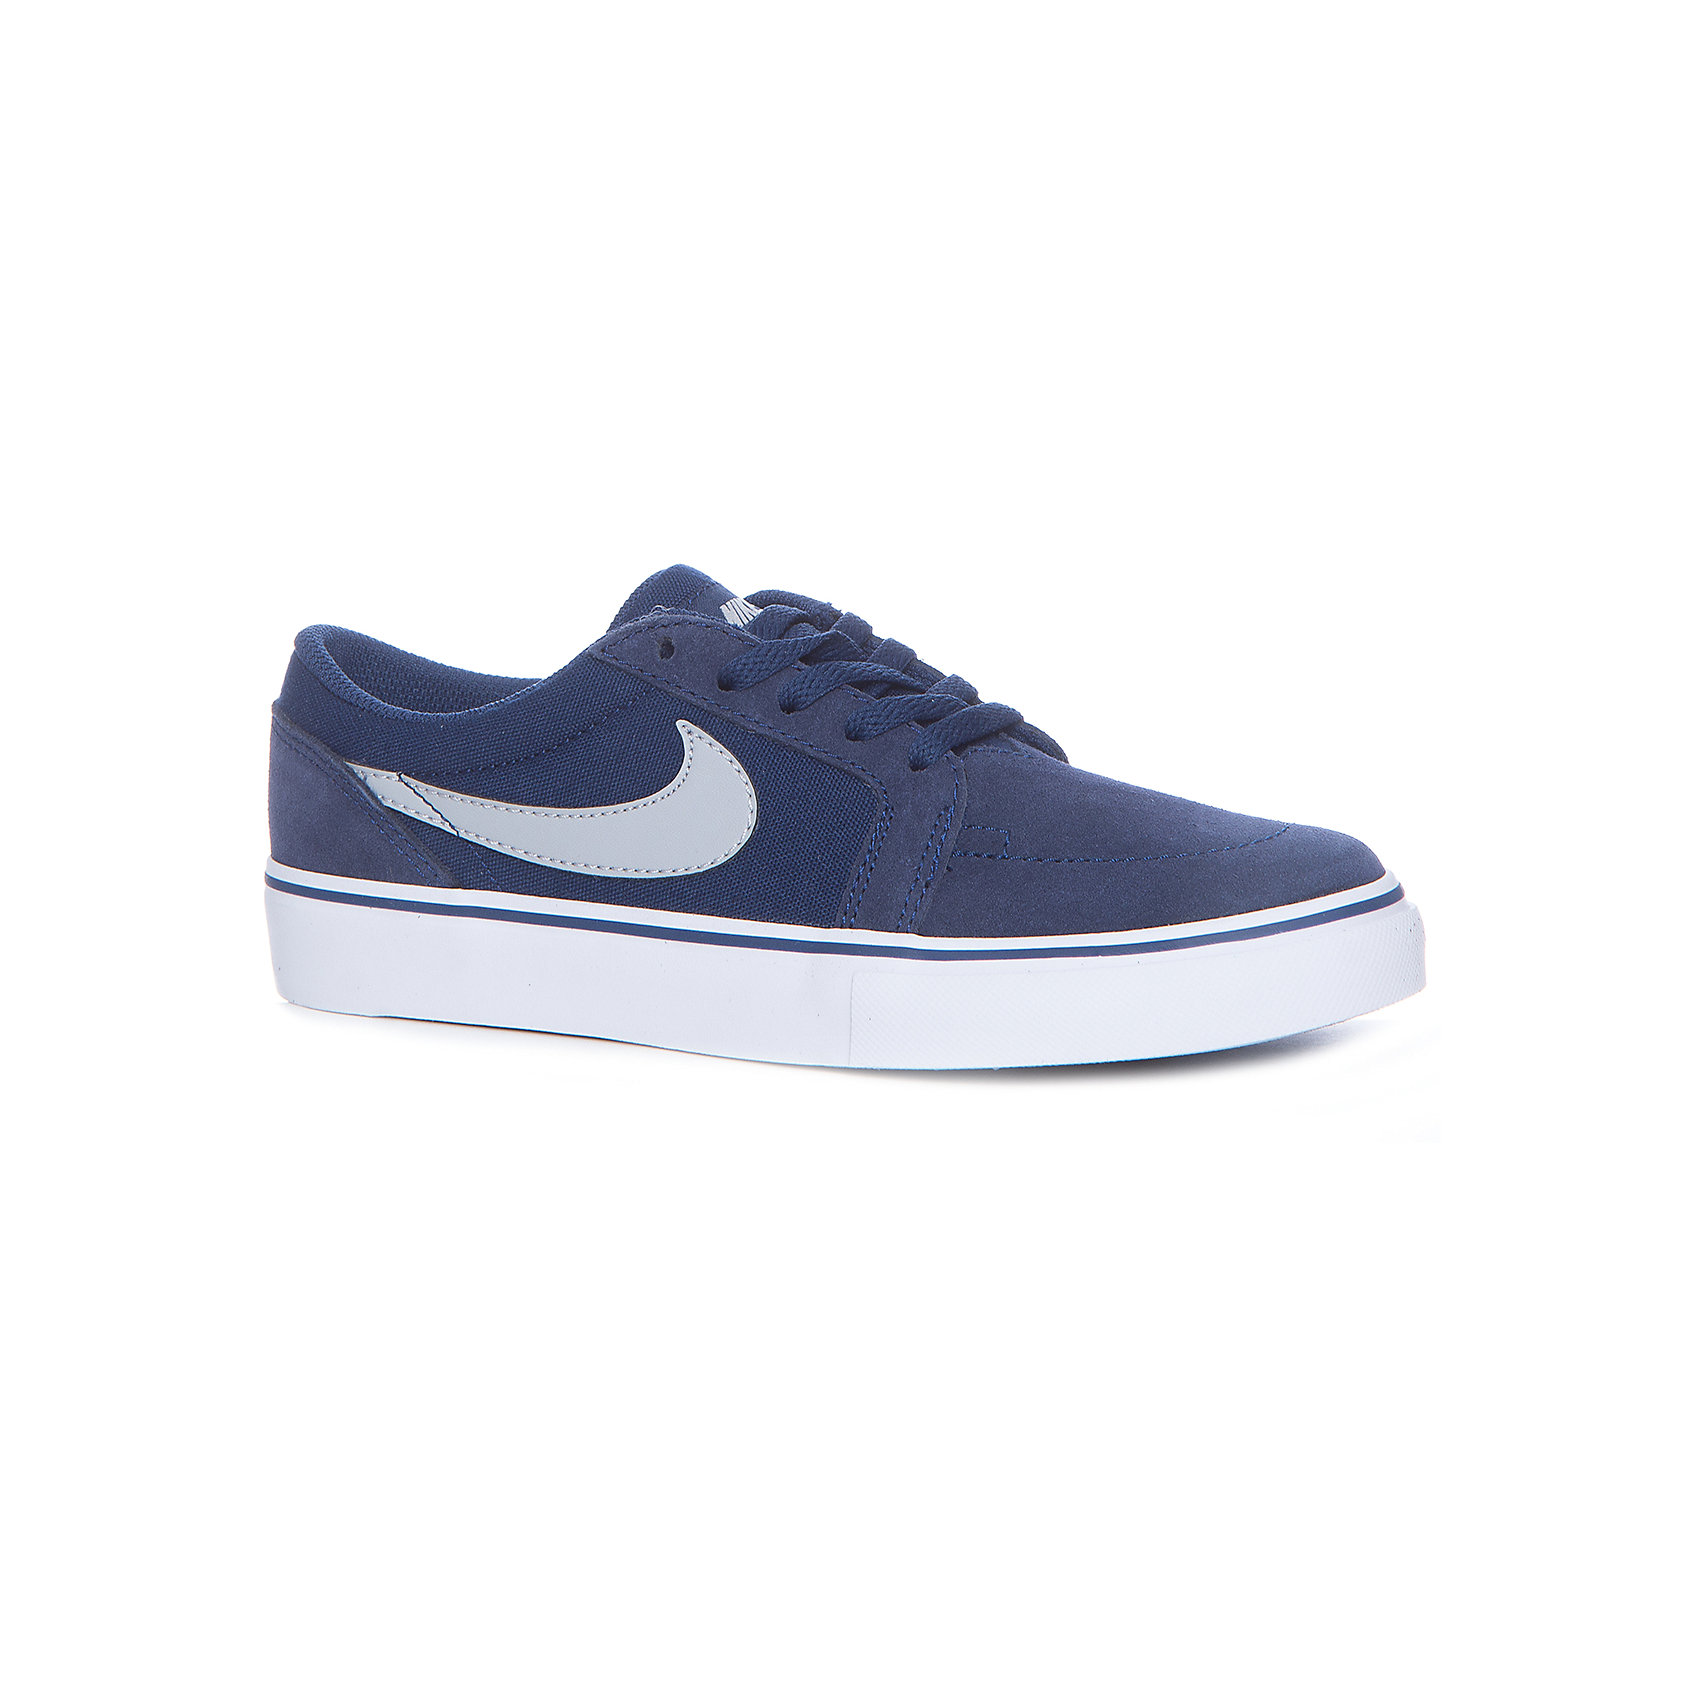 Кеды Nike SB Satire IIКеды<br>Характеристики товара:<br><br>• цвет: серый<br>• спортивный стиль<br>• внешний материал обуви: кожа 57%, текстиль 43%<br>• внутренний материал: текстиль<br>• стелька: текстиль<br>• подошва: резина<br>• декорированы логотипом<br>• вставка в подошве для мягкой амортизации<br>• тип застежки: шнуровка<br>• сезон: весна, лето<br>• температурный режим: от +10°С до +20°С<br>• устойчивая подошва<br>• защищенный мыс и пятка<br>• износостойкий материал<br>• коллекция: весна-лето 2017<br>• страна бренда: США<br>• страна изготовитель: Индонезия<br><br>Продукция бренда NIKE известна высоким качеством, уникальным узнаваемым дизайном и проработанными деталями, которые создают удобство при занятиях спортом и долгой ходьбе. Натуральная кожа в качестве внутреннего материала помогает этой модели обеспечить ребенку комфорт и предотвратить натирание.<br><br>Уход за такой обувью прост, она легко чистится и быстро сушится. Надевается элементарно благодаря удобной шнуровке.<br><br>Обувь качественно проработана, она долго служит, удобно сидит, отлично защищает детскую ногу от повреждений. Стильно выглядит и хорошо смотрится с одеждой разных цветов и стилей.<br><br>Кеды NIKE (Найк) можно купить в нашем интернет-магазине.<br><br>Ширина мм: 250<br>Глубина мм: 150<br>Высота мм: 150<br>Вес г: 250<br>Цвет: серый<br>Возраст от месяцев: 168<br>Возраст до месяцев: 1188<br>Пол: Мужской<br>Возраст: Детский<br>Размер: 39,34.5,35.5,36.5,37,37.5,38,38.5<br>SKU: 6758790